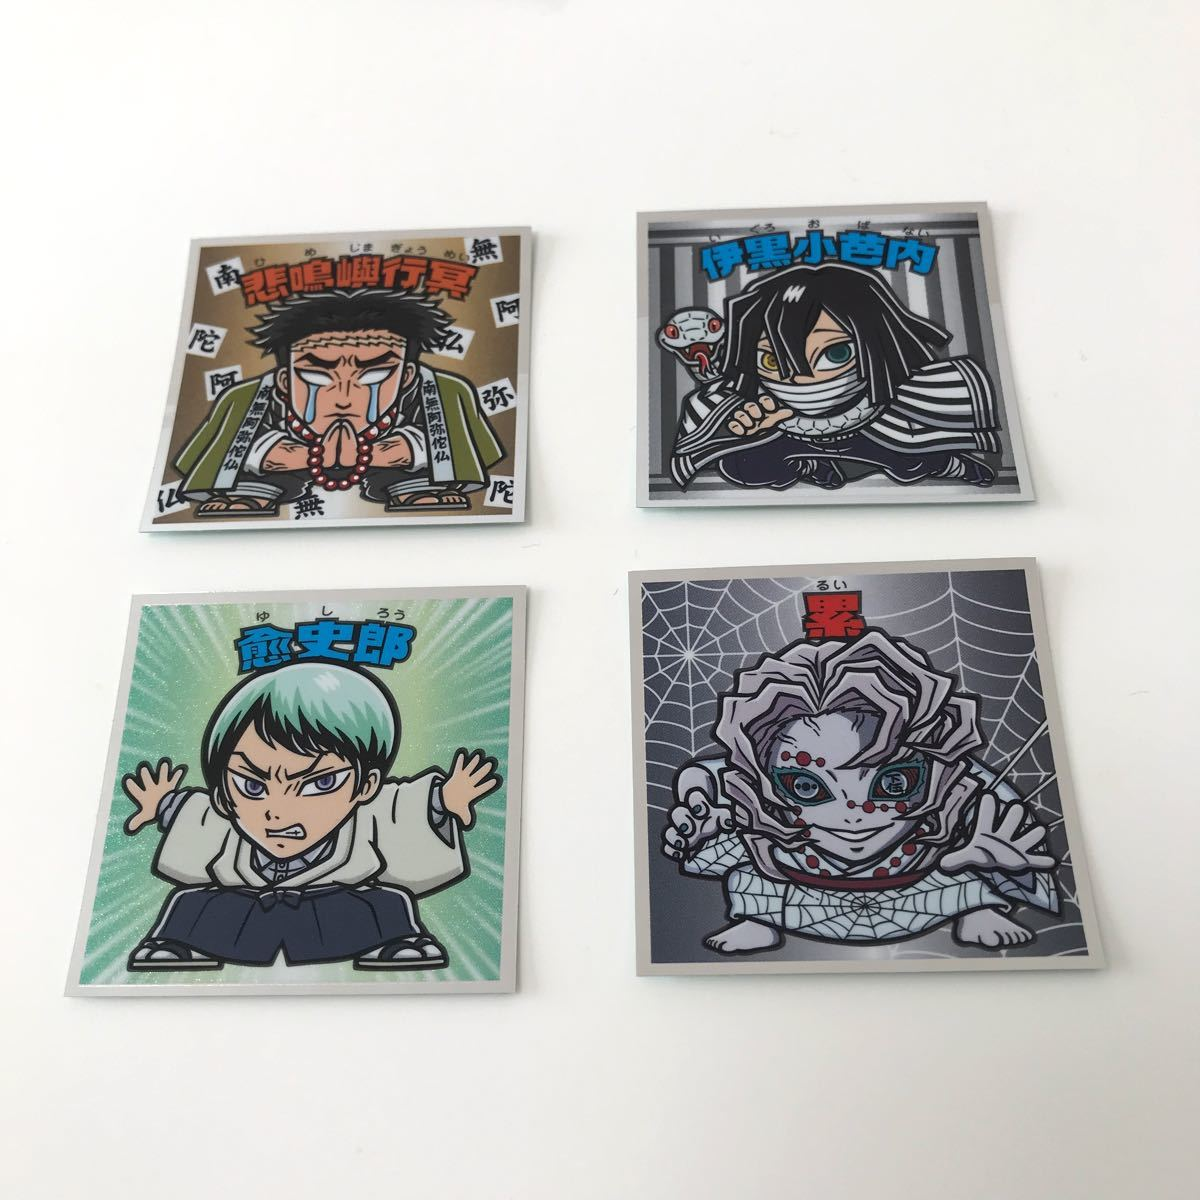 鬼滅の刃マンシール 4枚セット ビックリマンシール